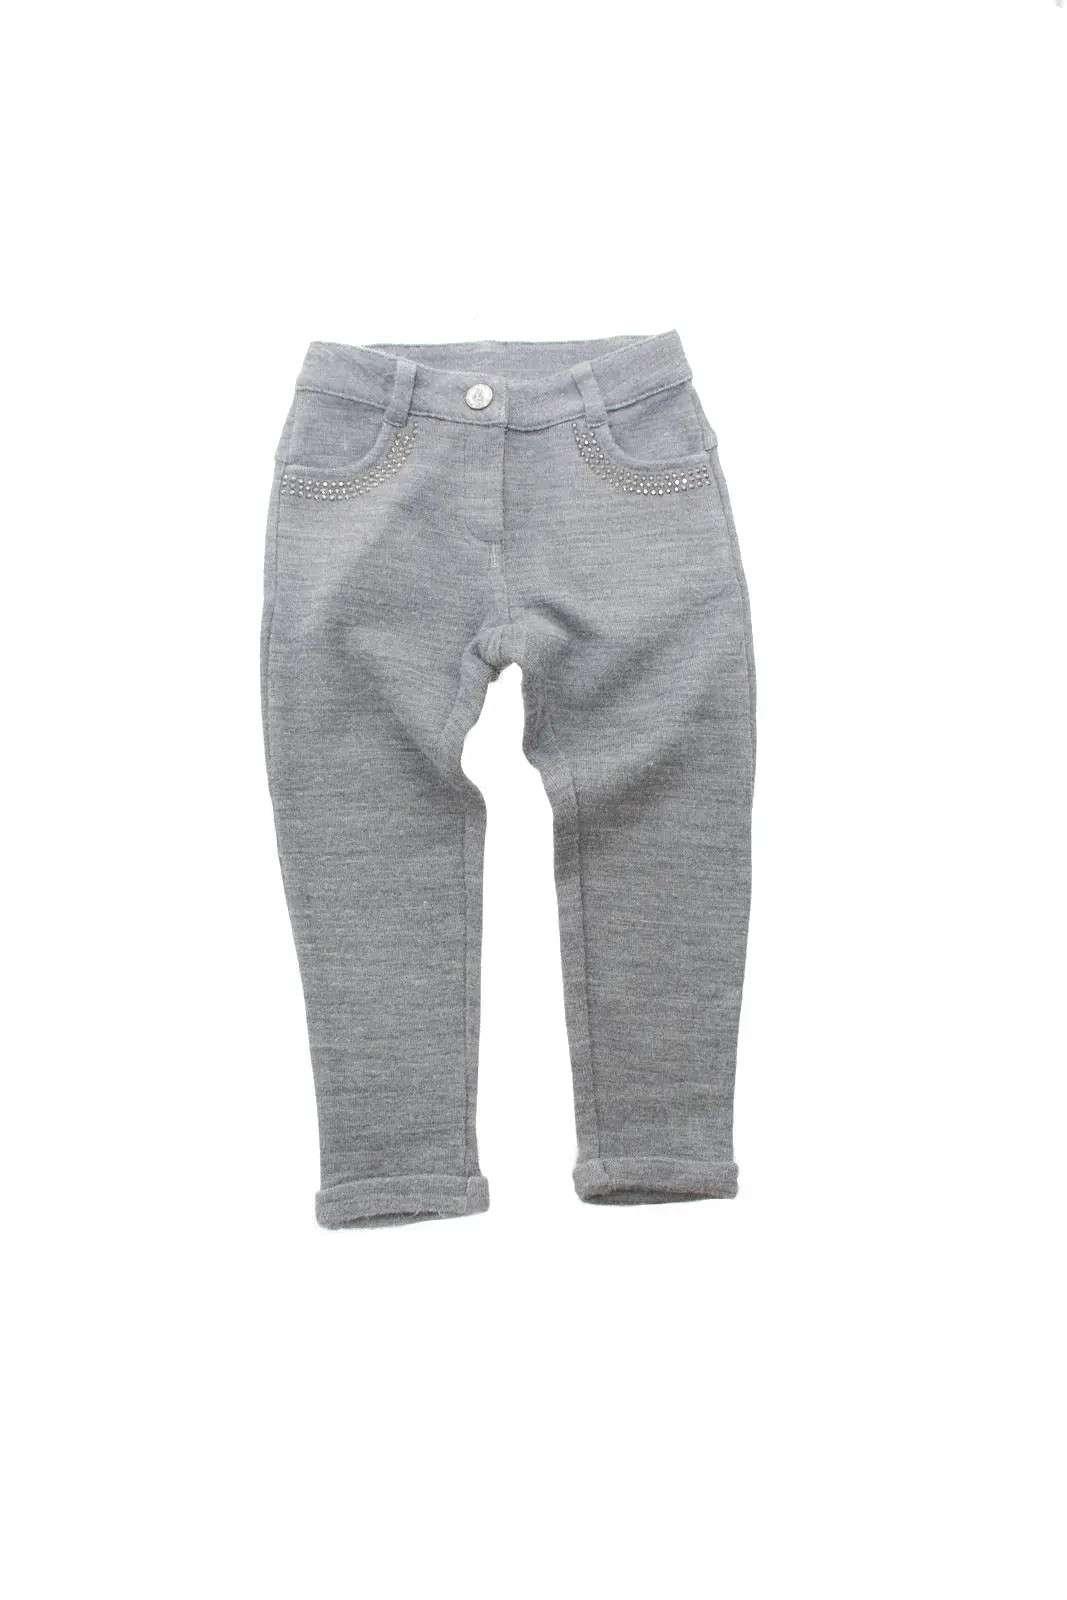 Comodi e raffinati i pantaloni proposti dalla collezione bimba Gaialuna. Il taglio jeans è impreziosito con strass e reso comodo dal tessuto in maglia per rendere perfetti anche i momenti di gioco. Un capo indispensabile della moda delle più piccole.